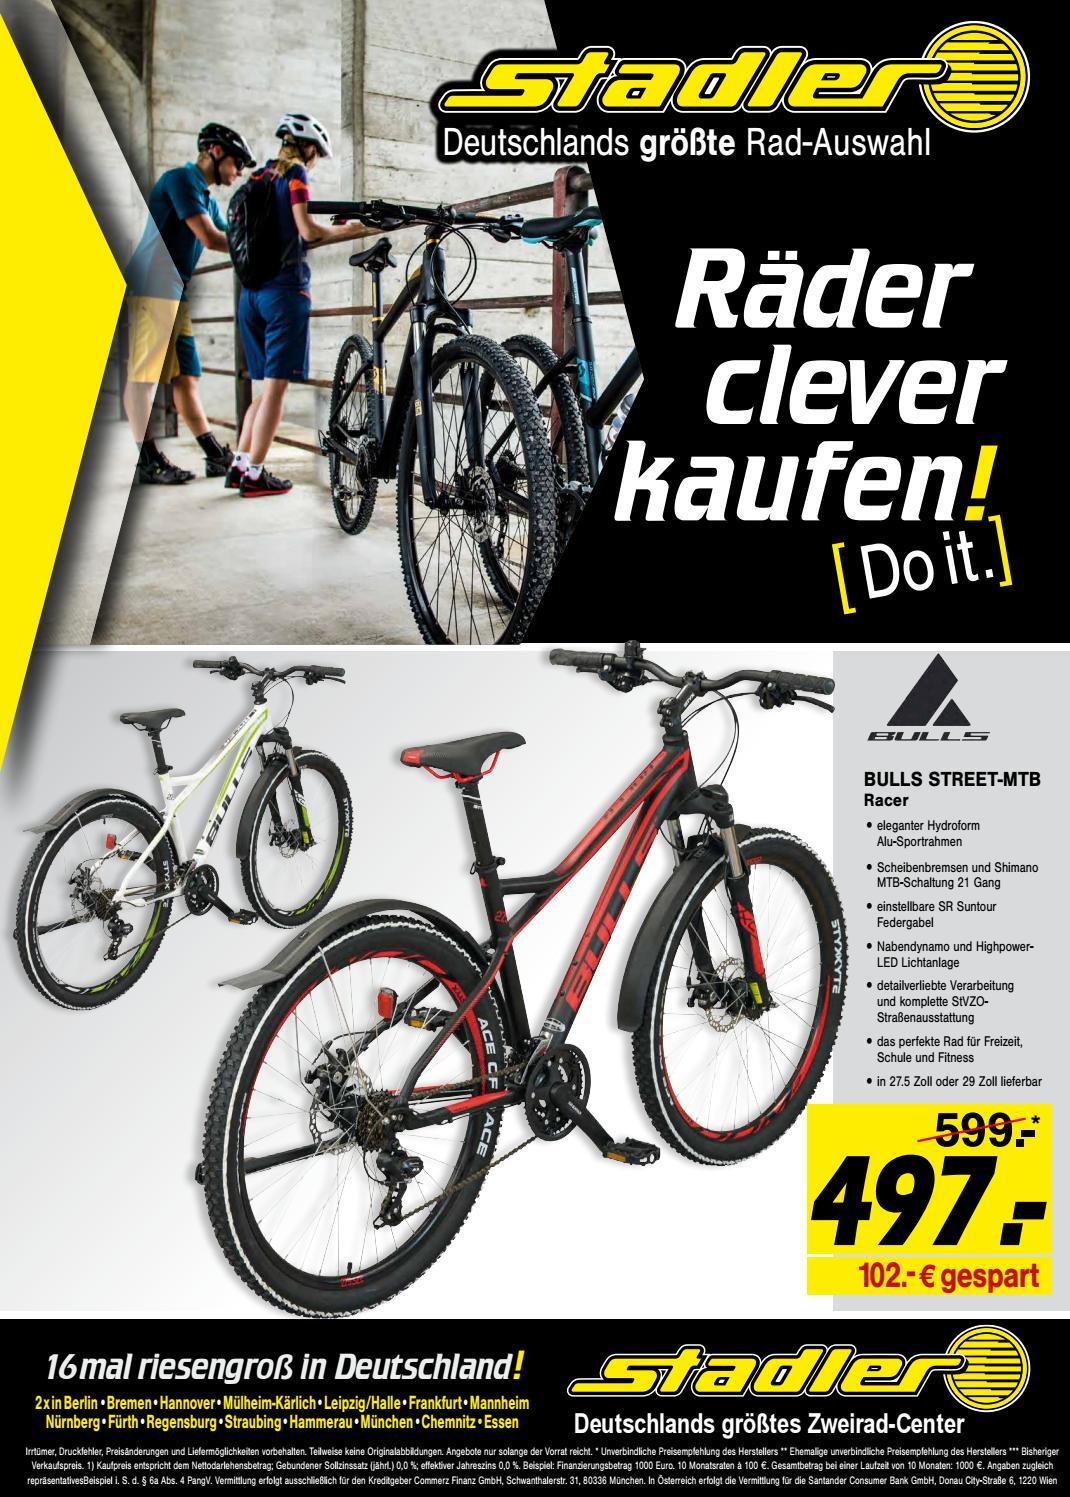 Stadler Räder Clever Kaufen By Berlin Medien Gmbh Issuu